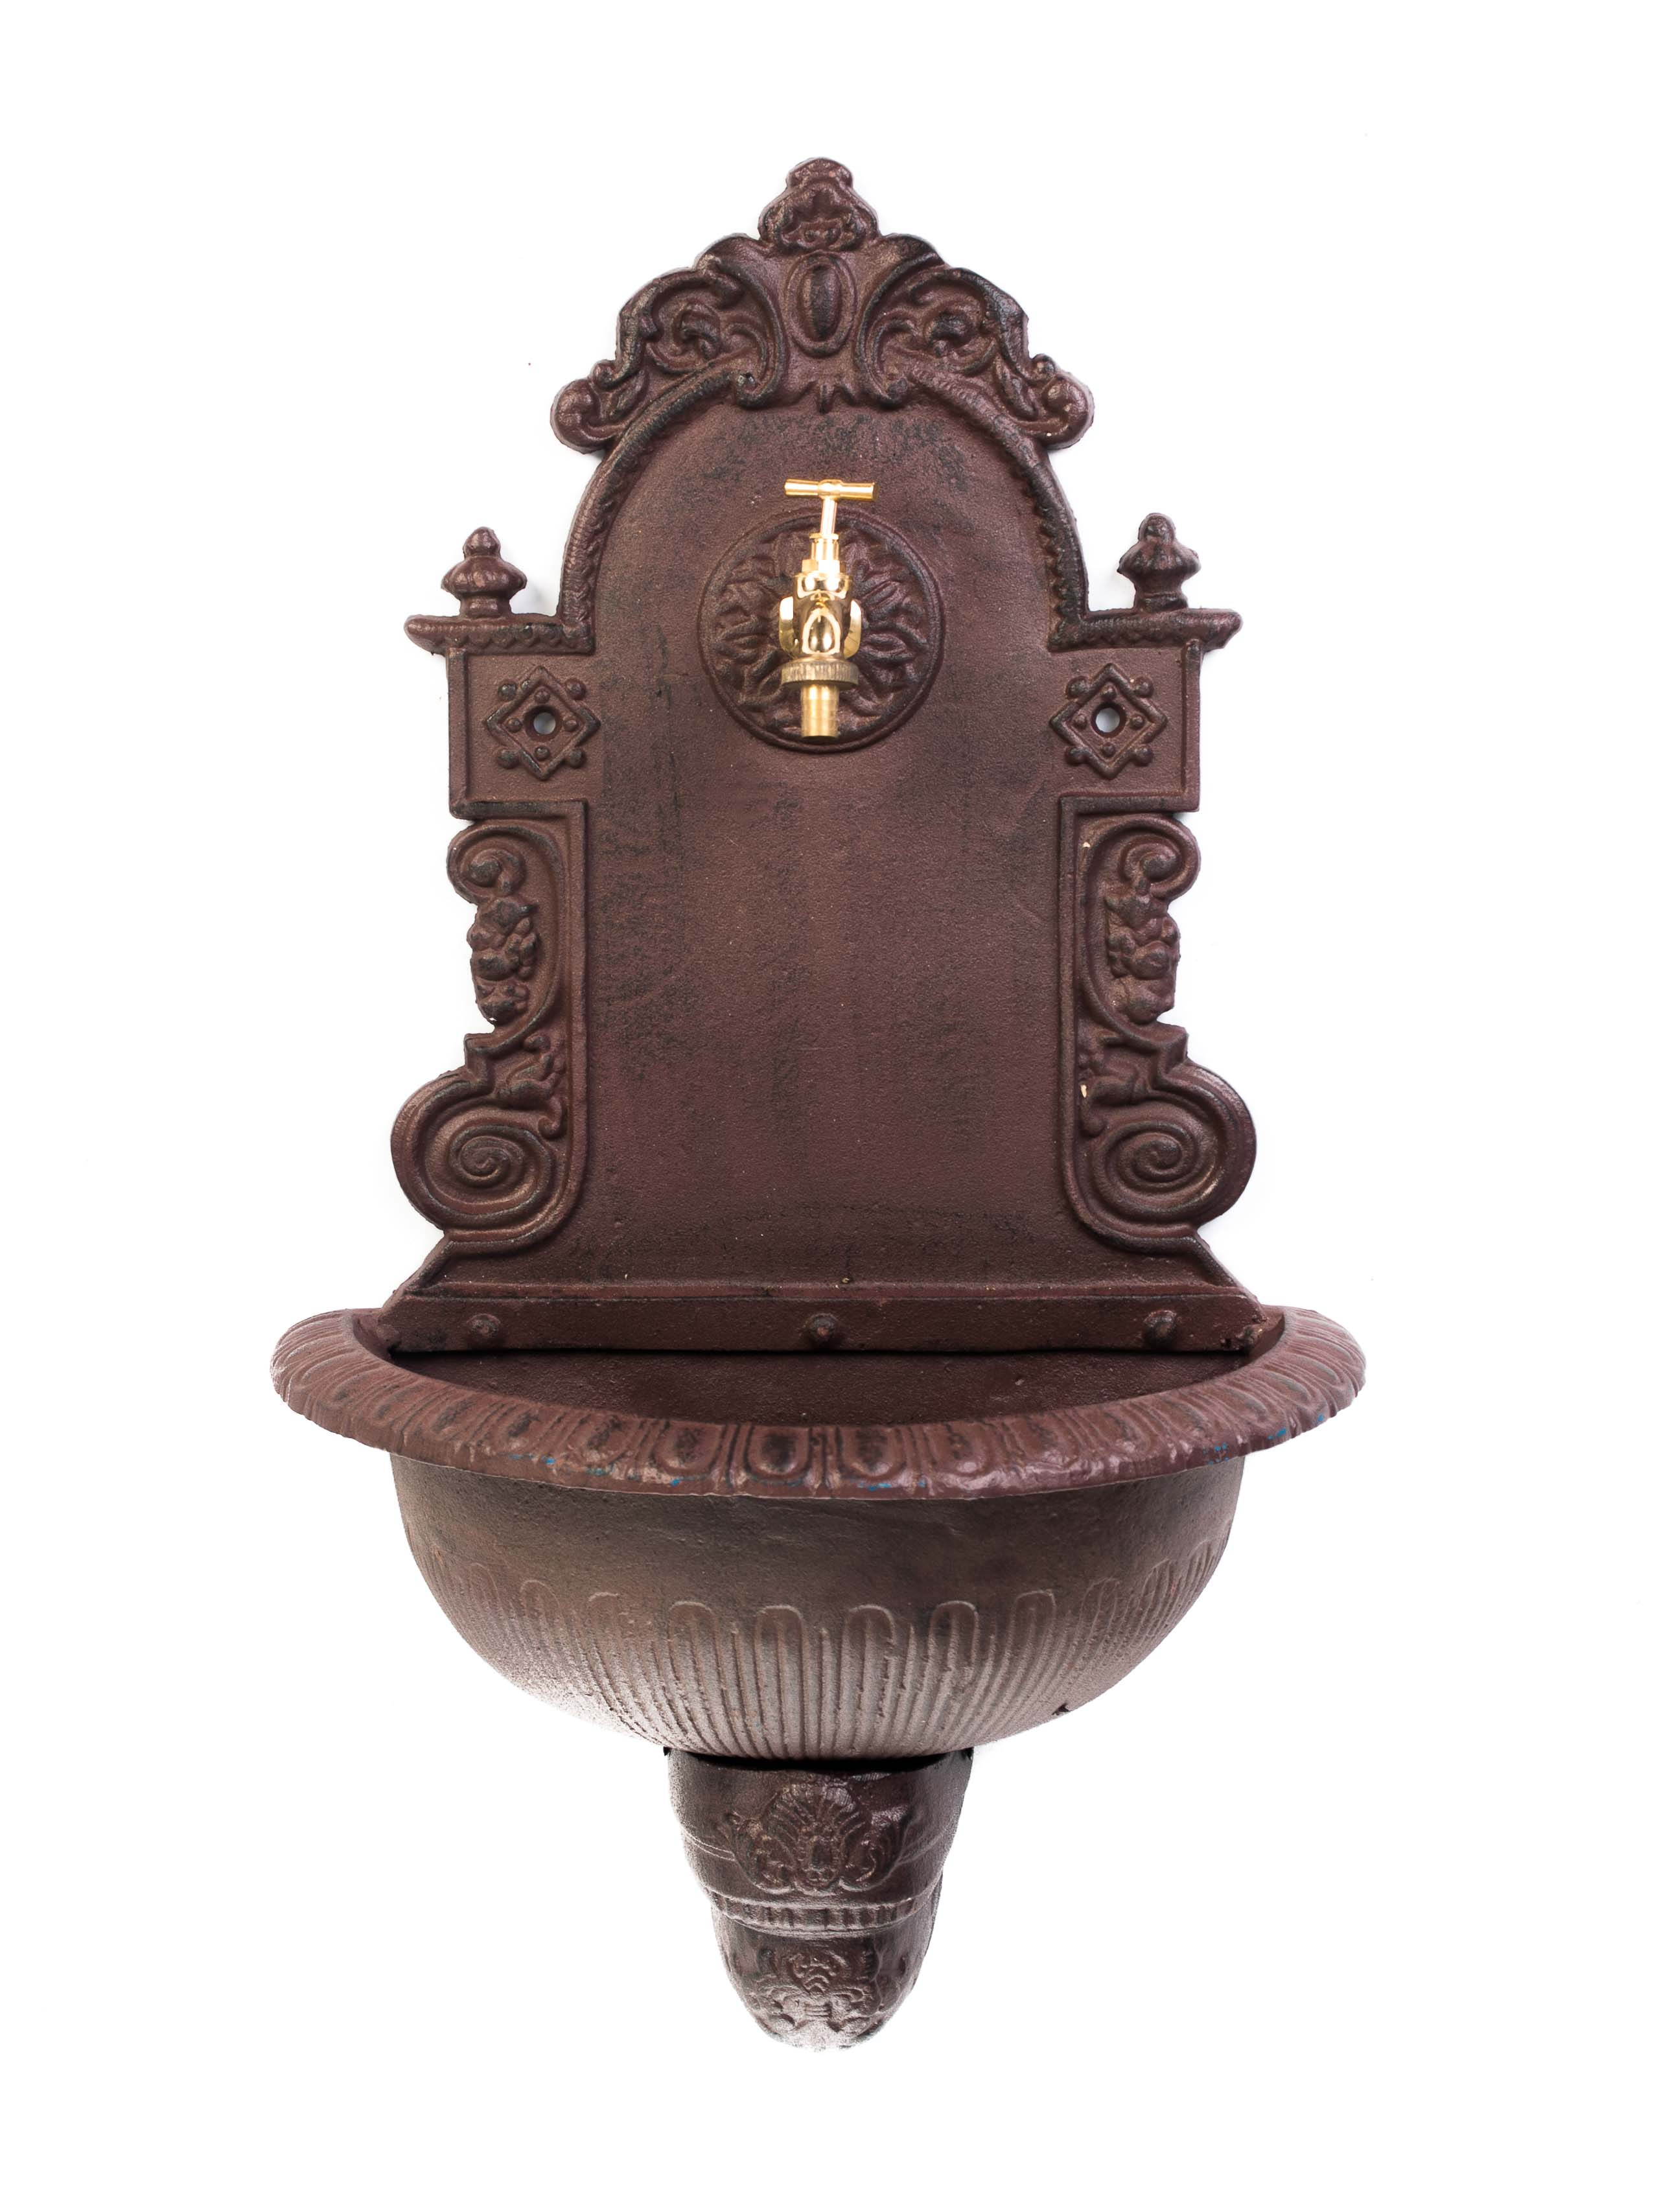 Standbrunnen 85cm Alu braun Brunnen Waschbecken Garten im antik Stil fountain